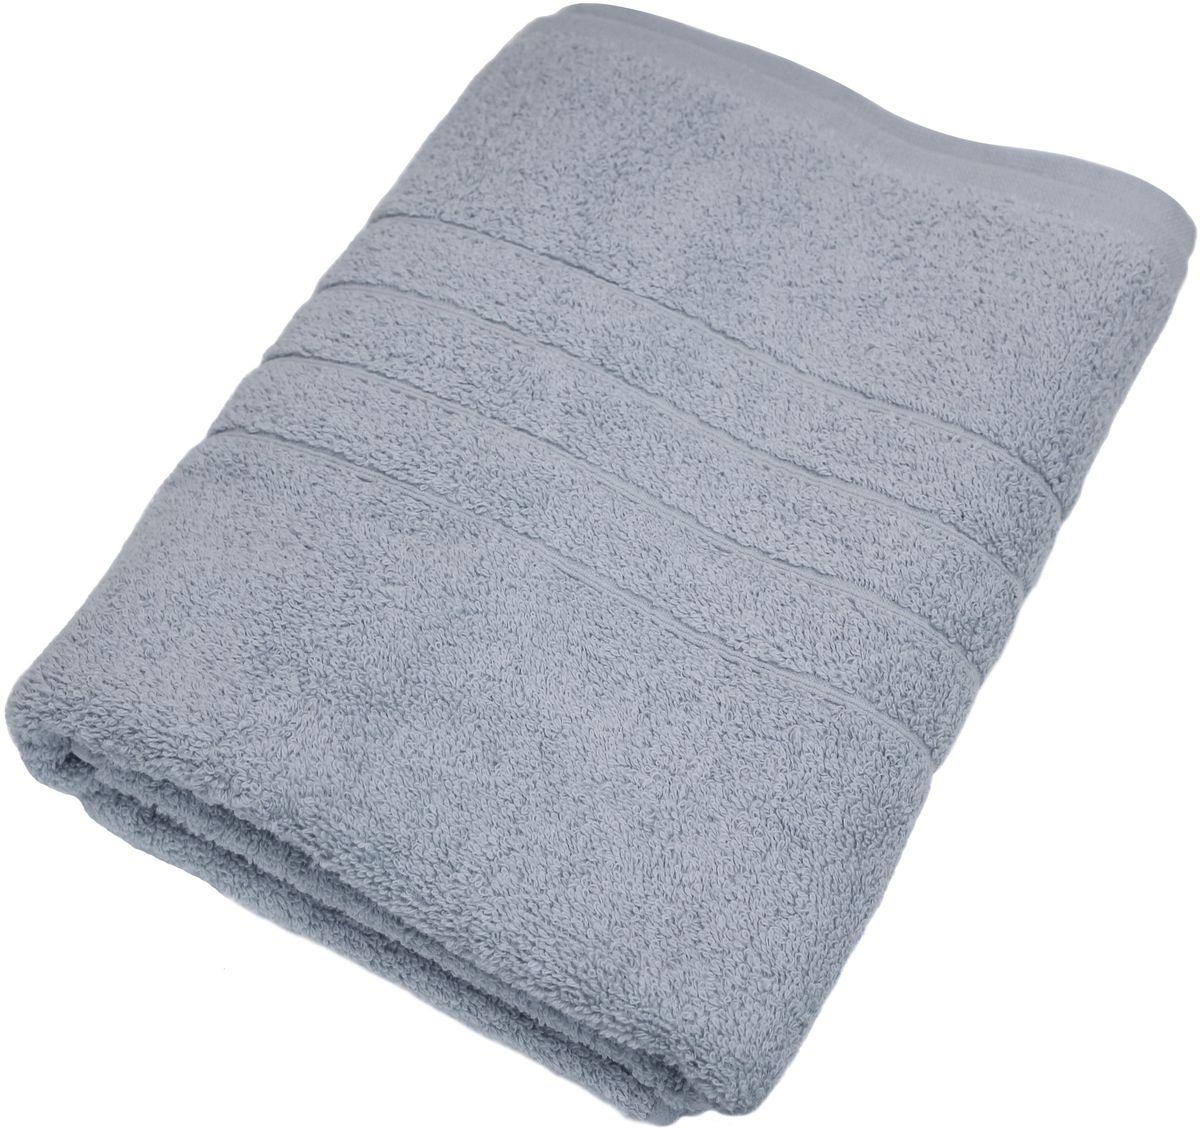 Полотенце Proffi Home Модерн, цвет: серый, 70 x 140 смPH3273Мягкое махровое полотенцеProffi Home Модерн отлично впитывает влагу и быстро сохнет, приятно в него завернуться после принятия ванны или посещения сауны. Поэтому данное махровое полотенце можно использовать в качестве душевого, банного или пляжного полотенца. Состав: 100% хлопок.